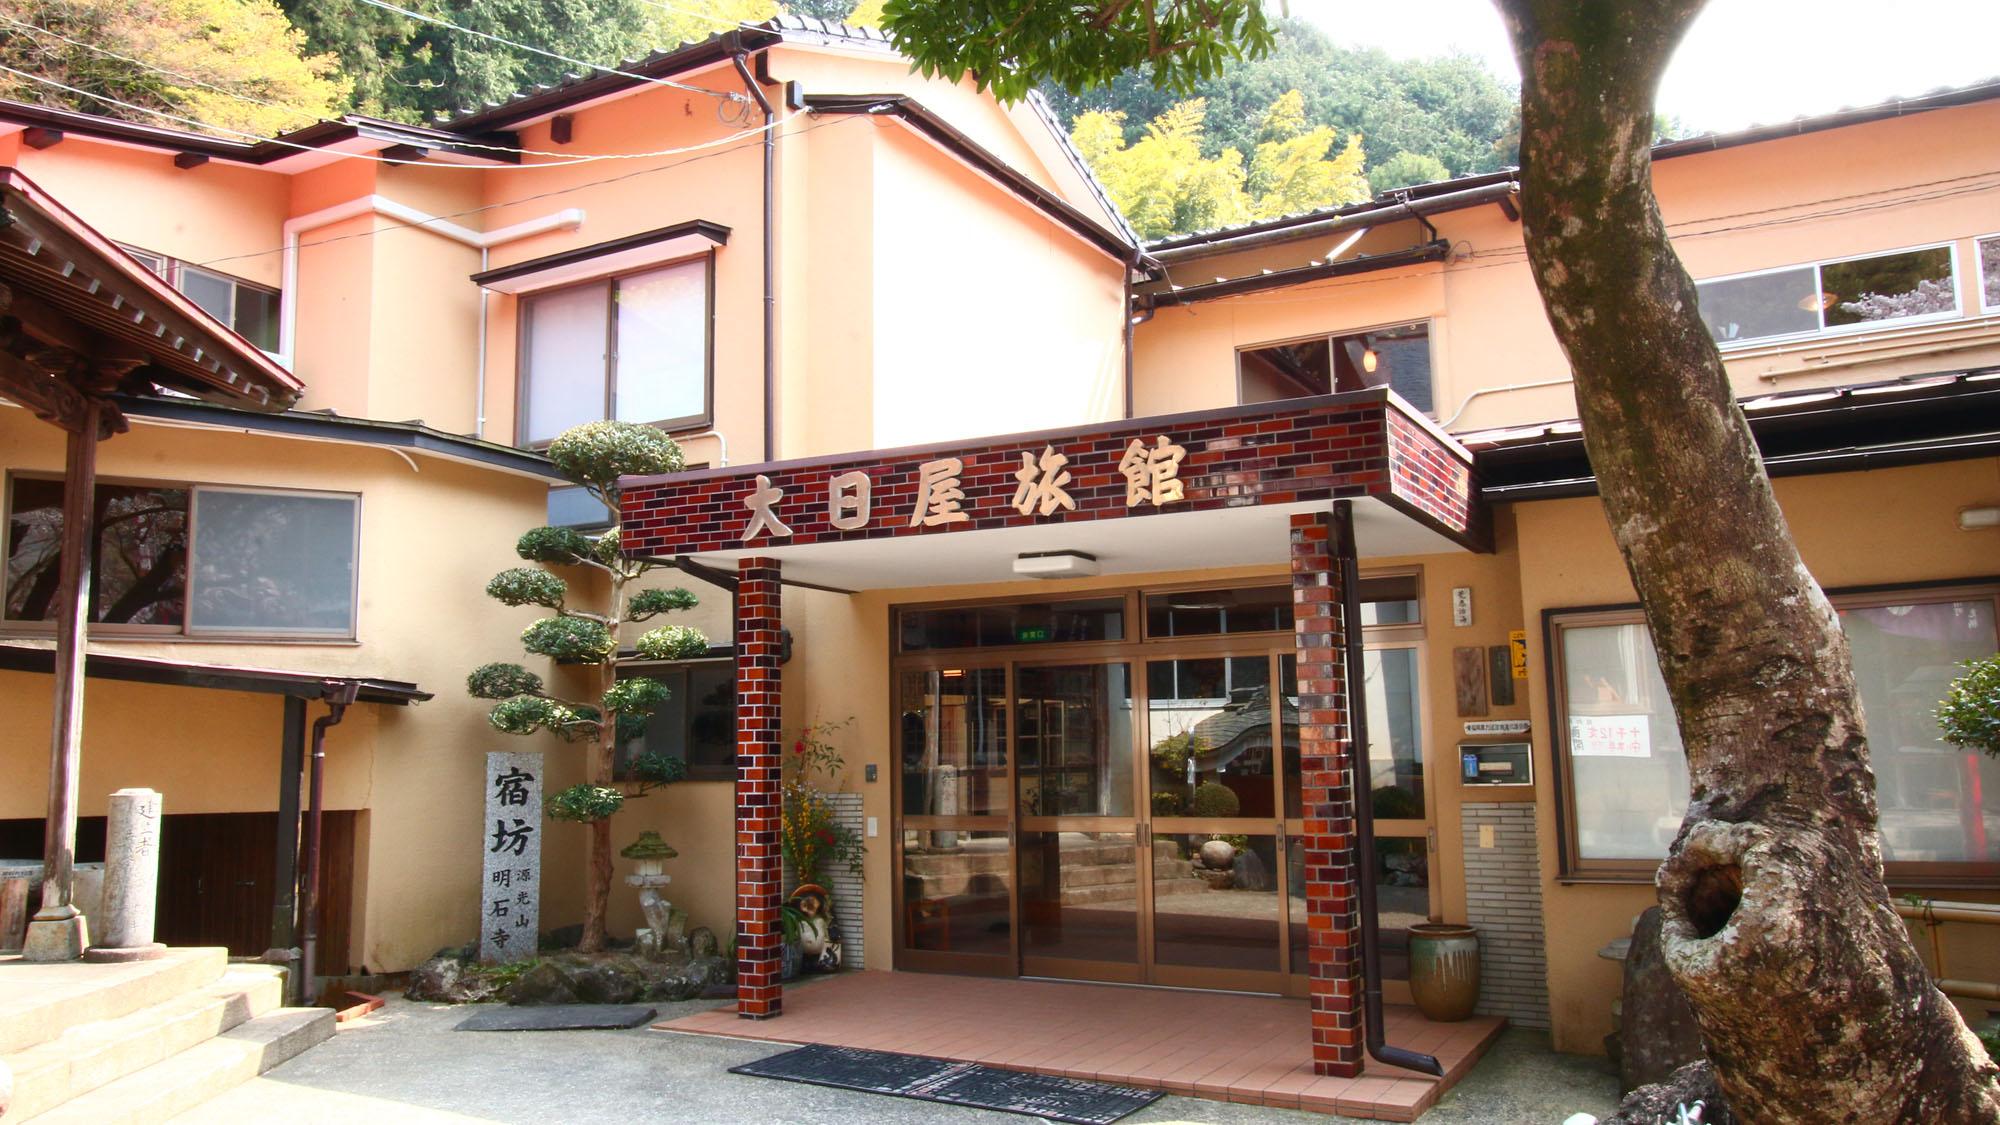 明石寺 大日屋旅館